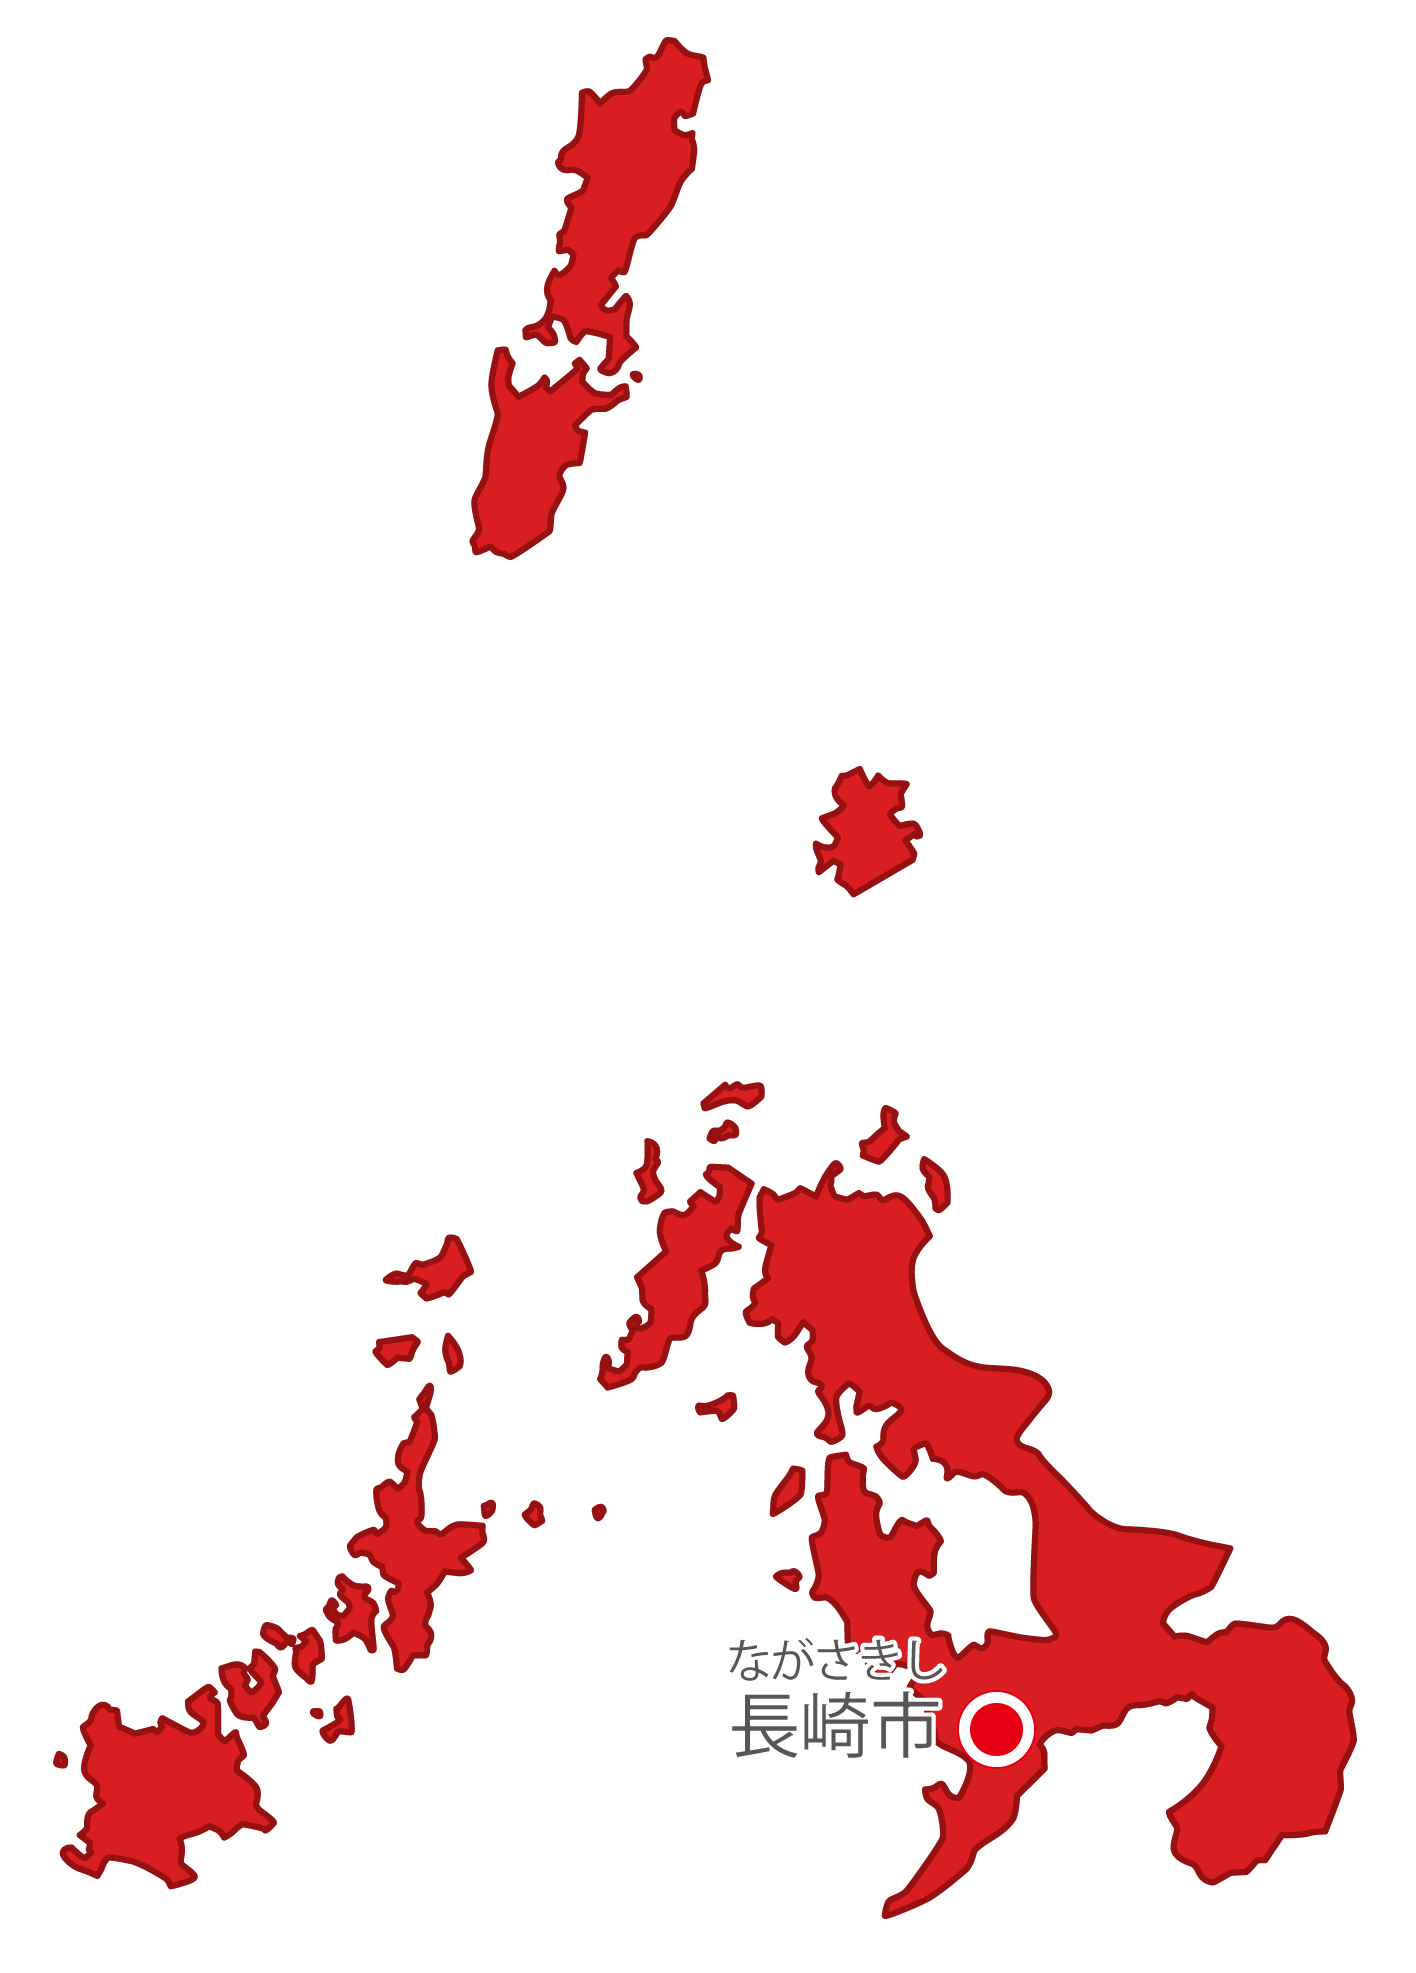 長崎県無料フリーイラスト|日本語・県庁所在地あり・ルビあり(赤)